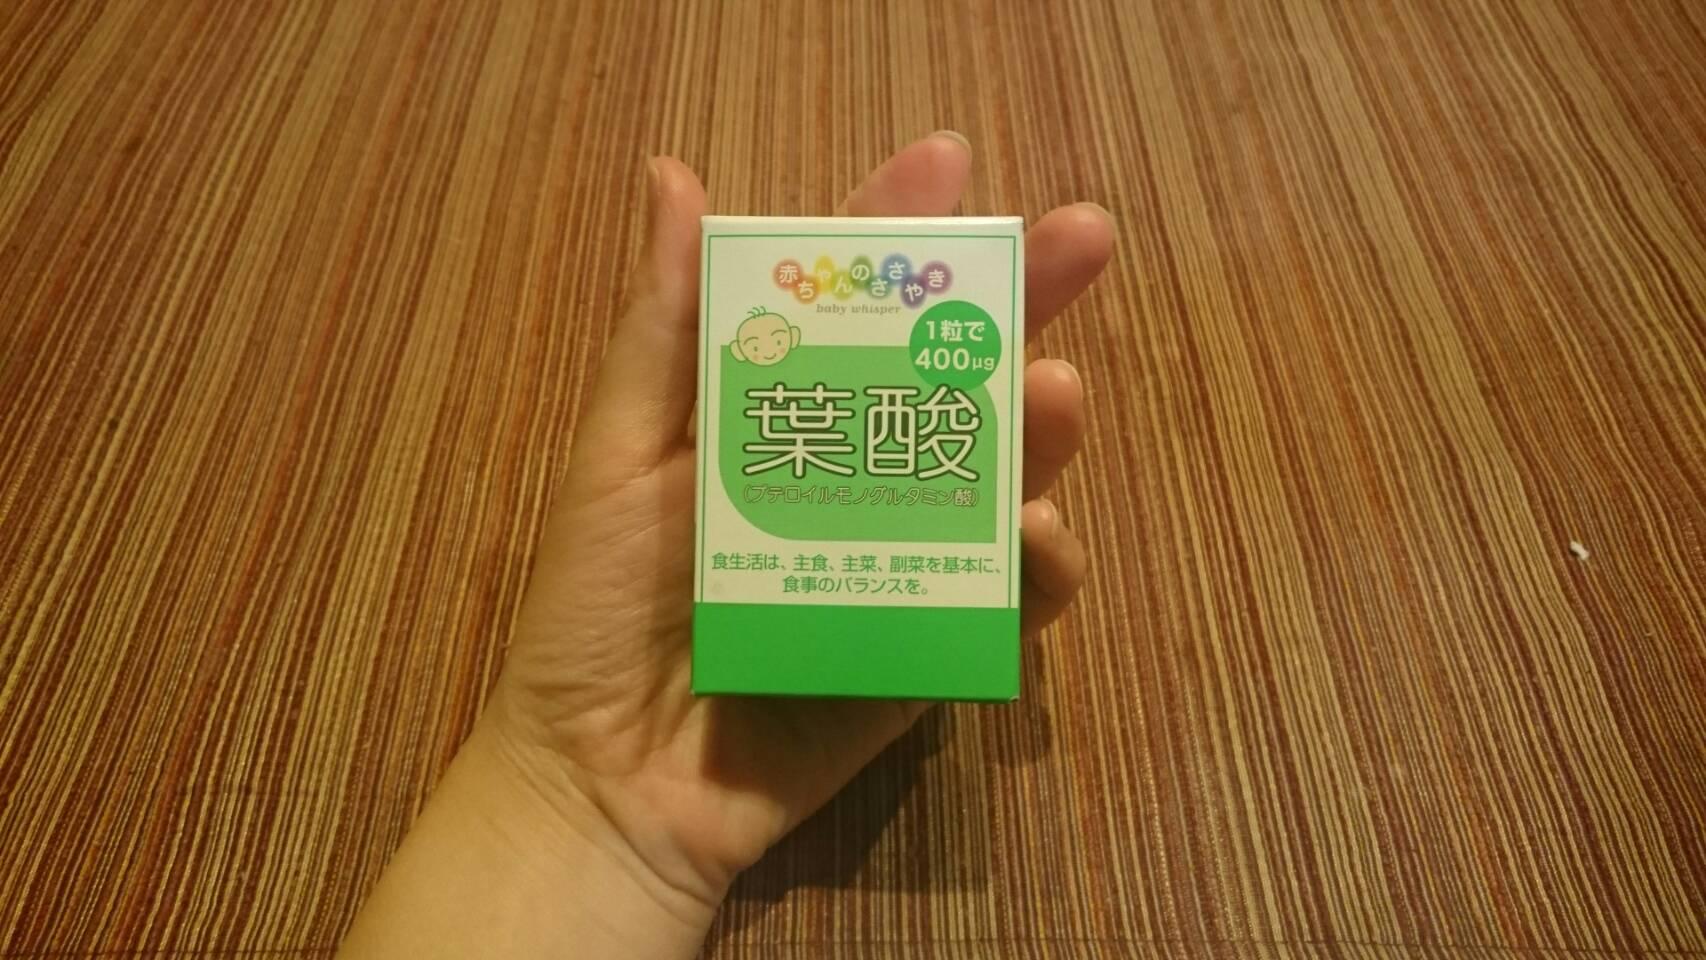 赤ちゃんのささやき葉酸のパッケージ